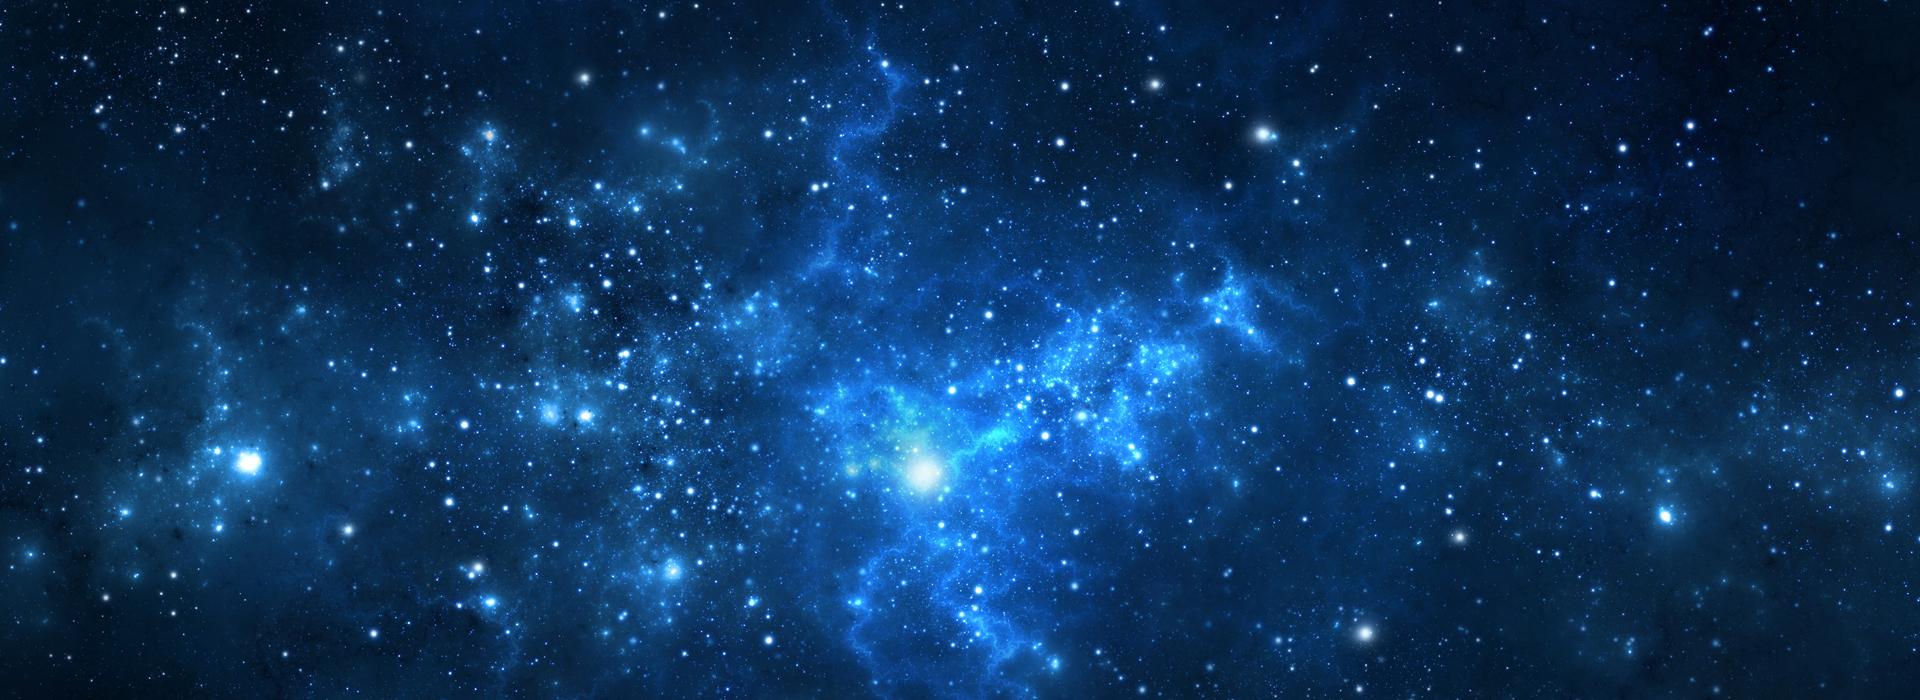 你的思維有多大多美 宇宙就有多大多美